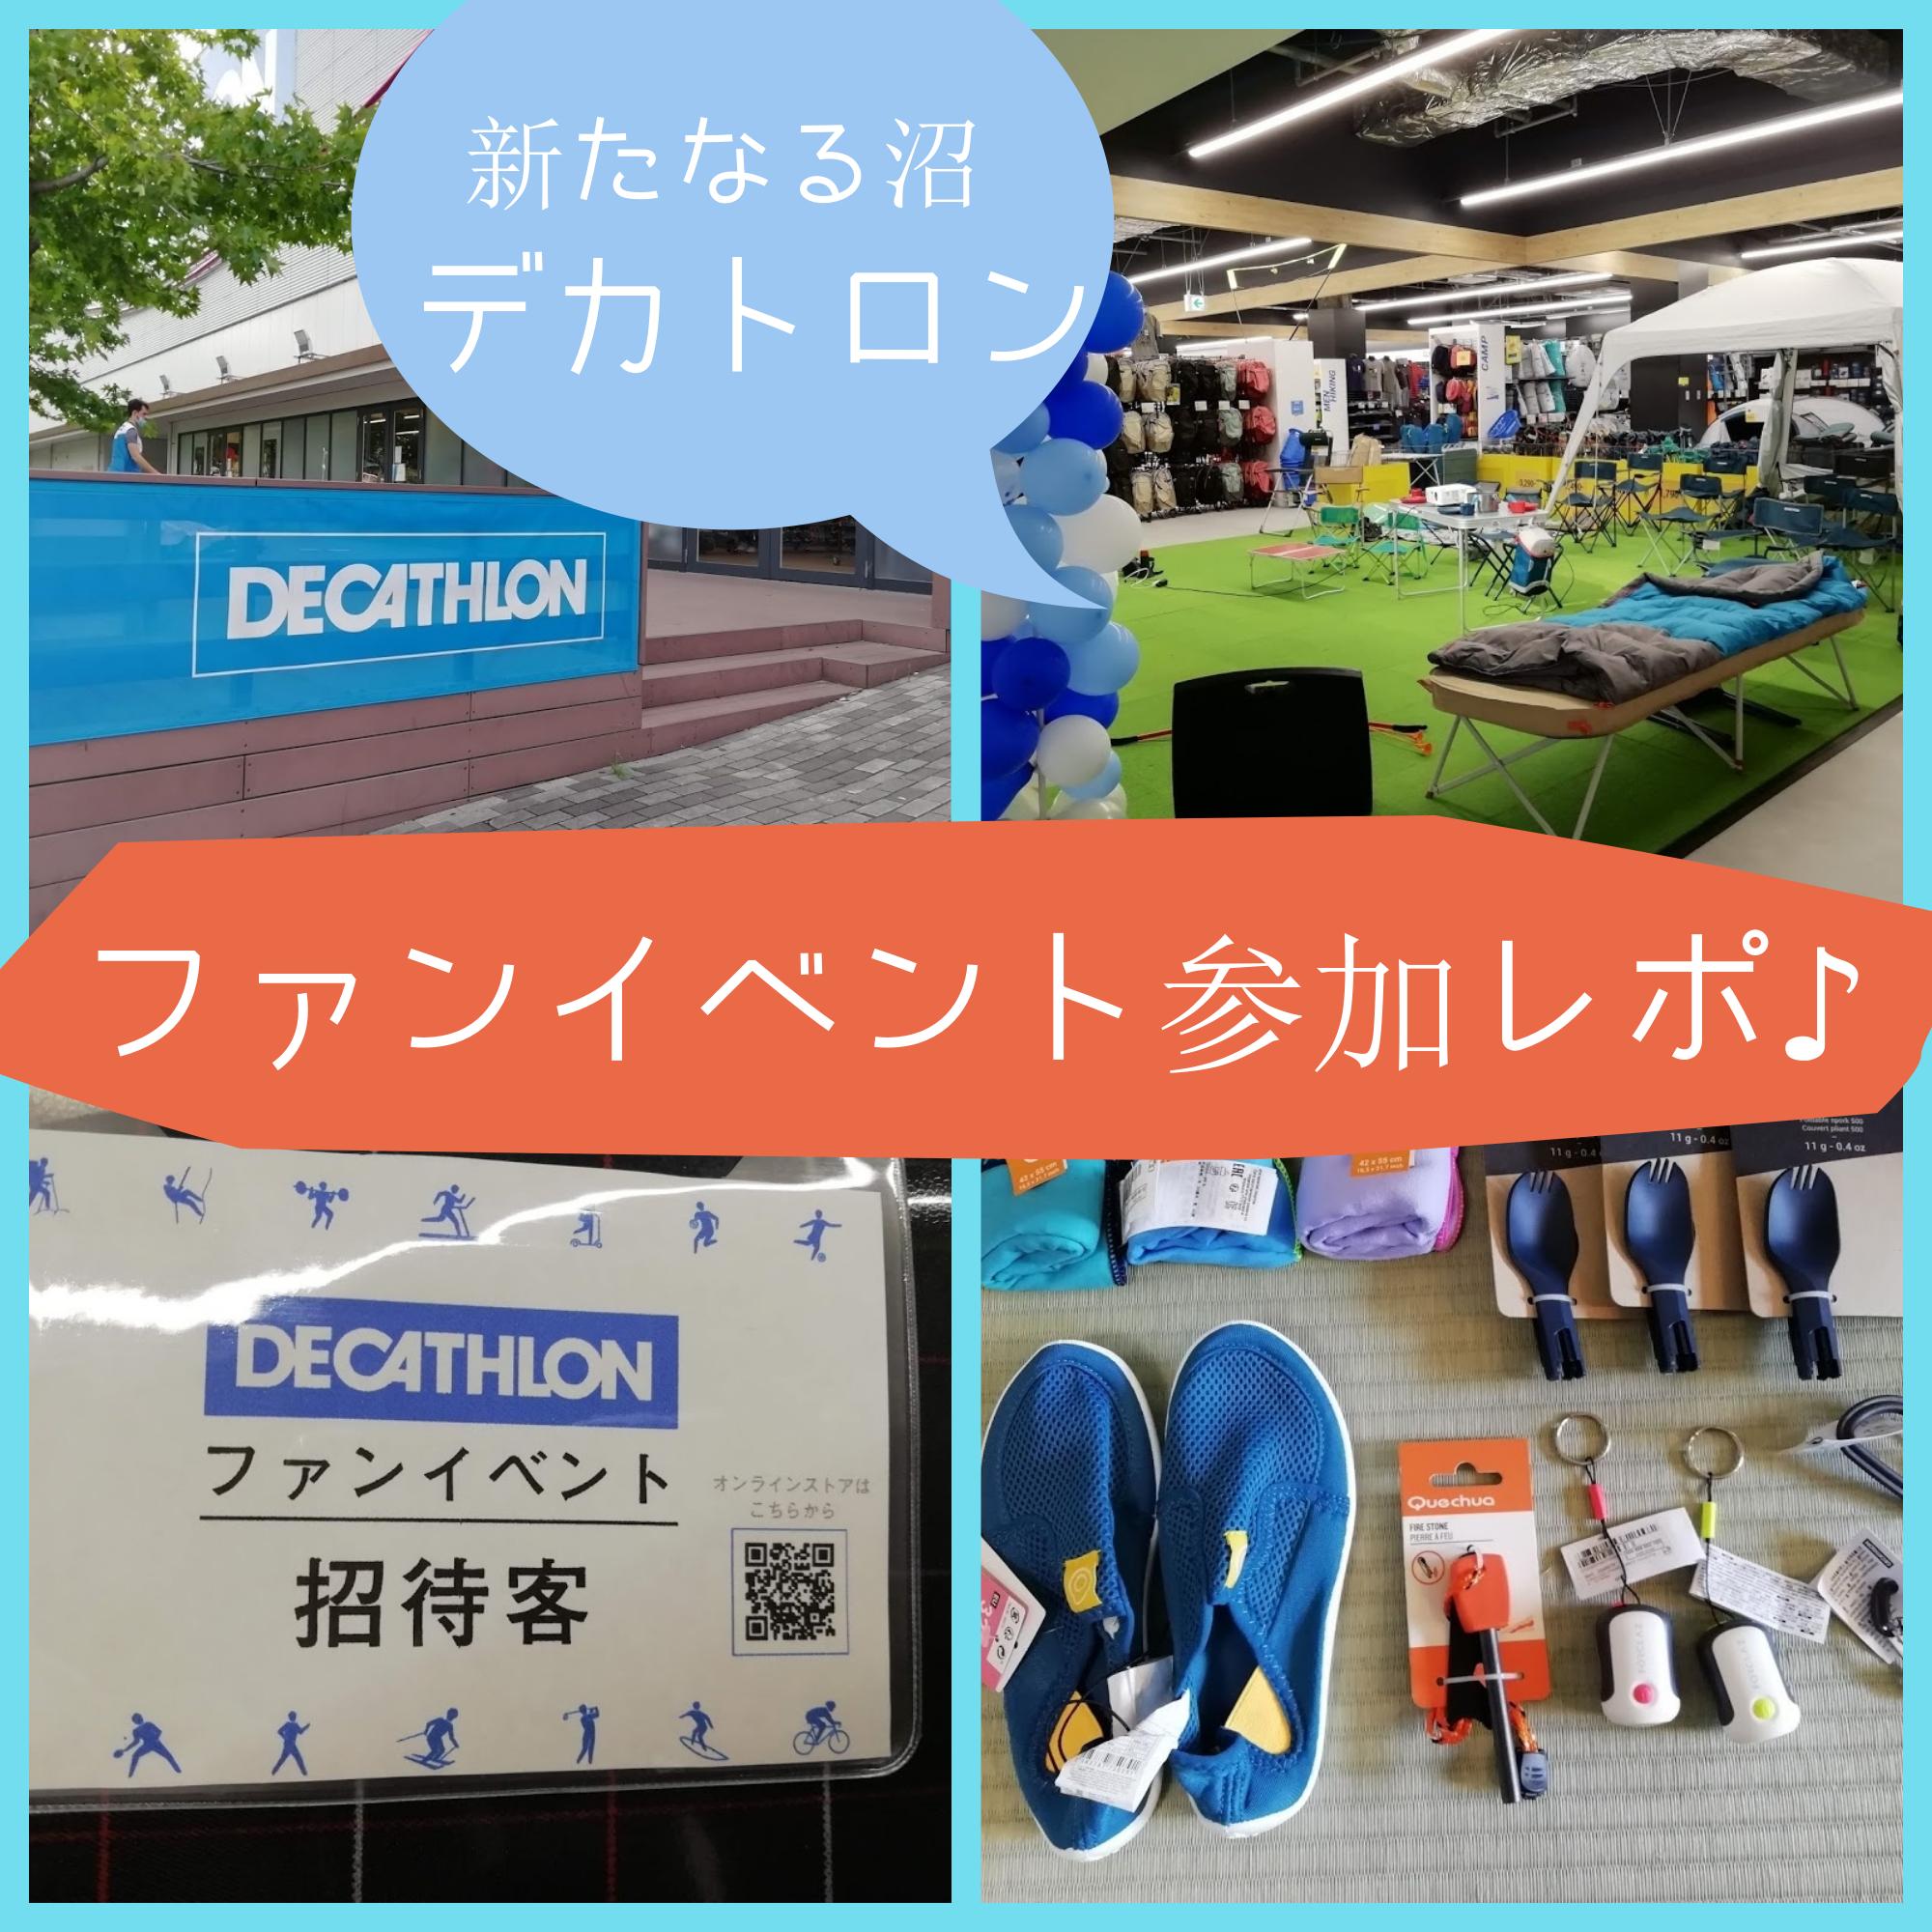 キャンプ沼 デカトロン デカトロン幕張店 ファンイベント 参加レポ